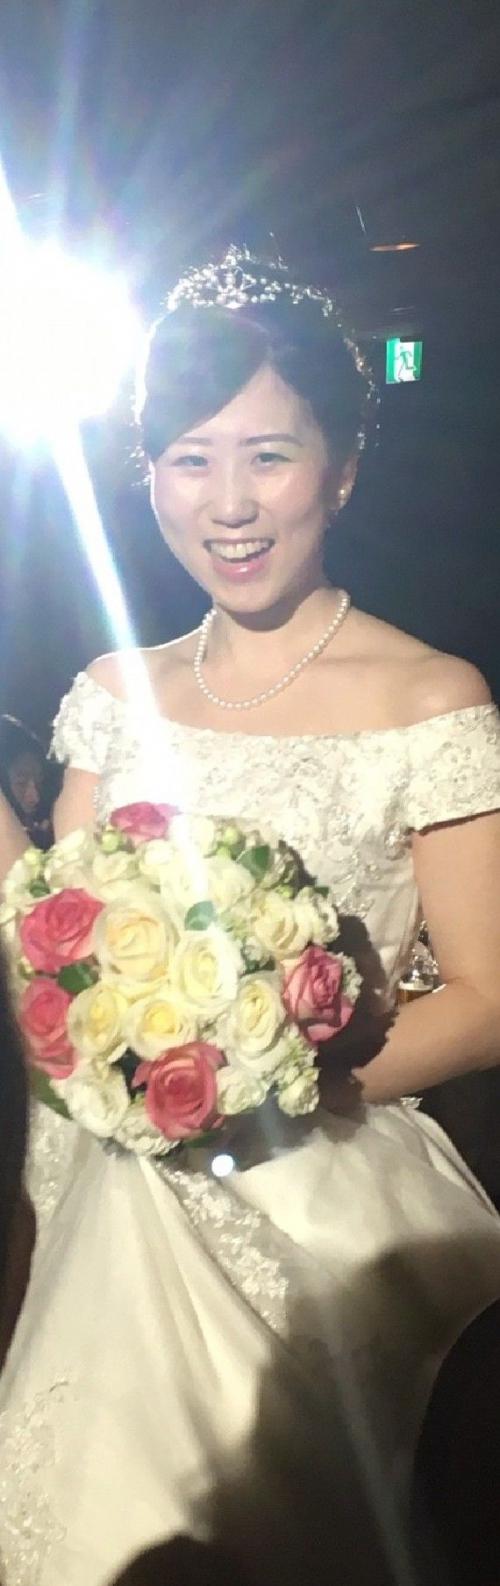 ロイヤルパーク結婚式花嫁